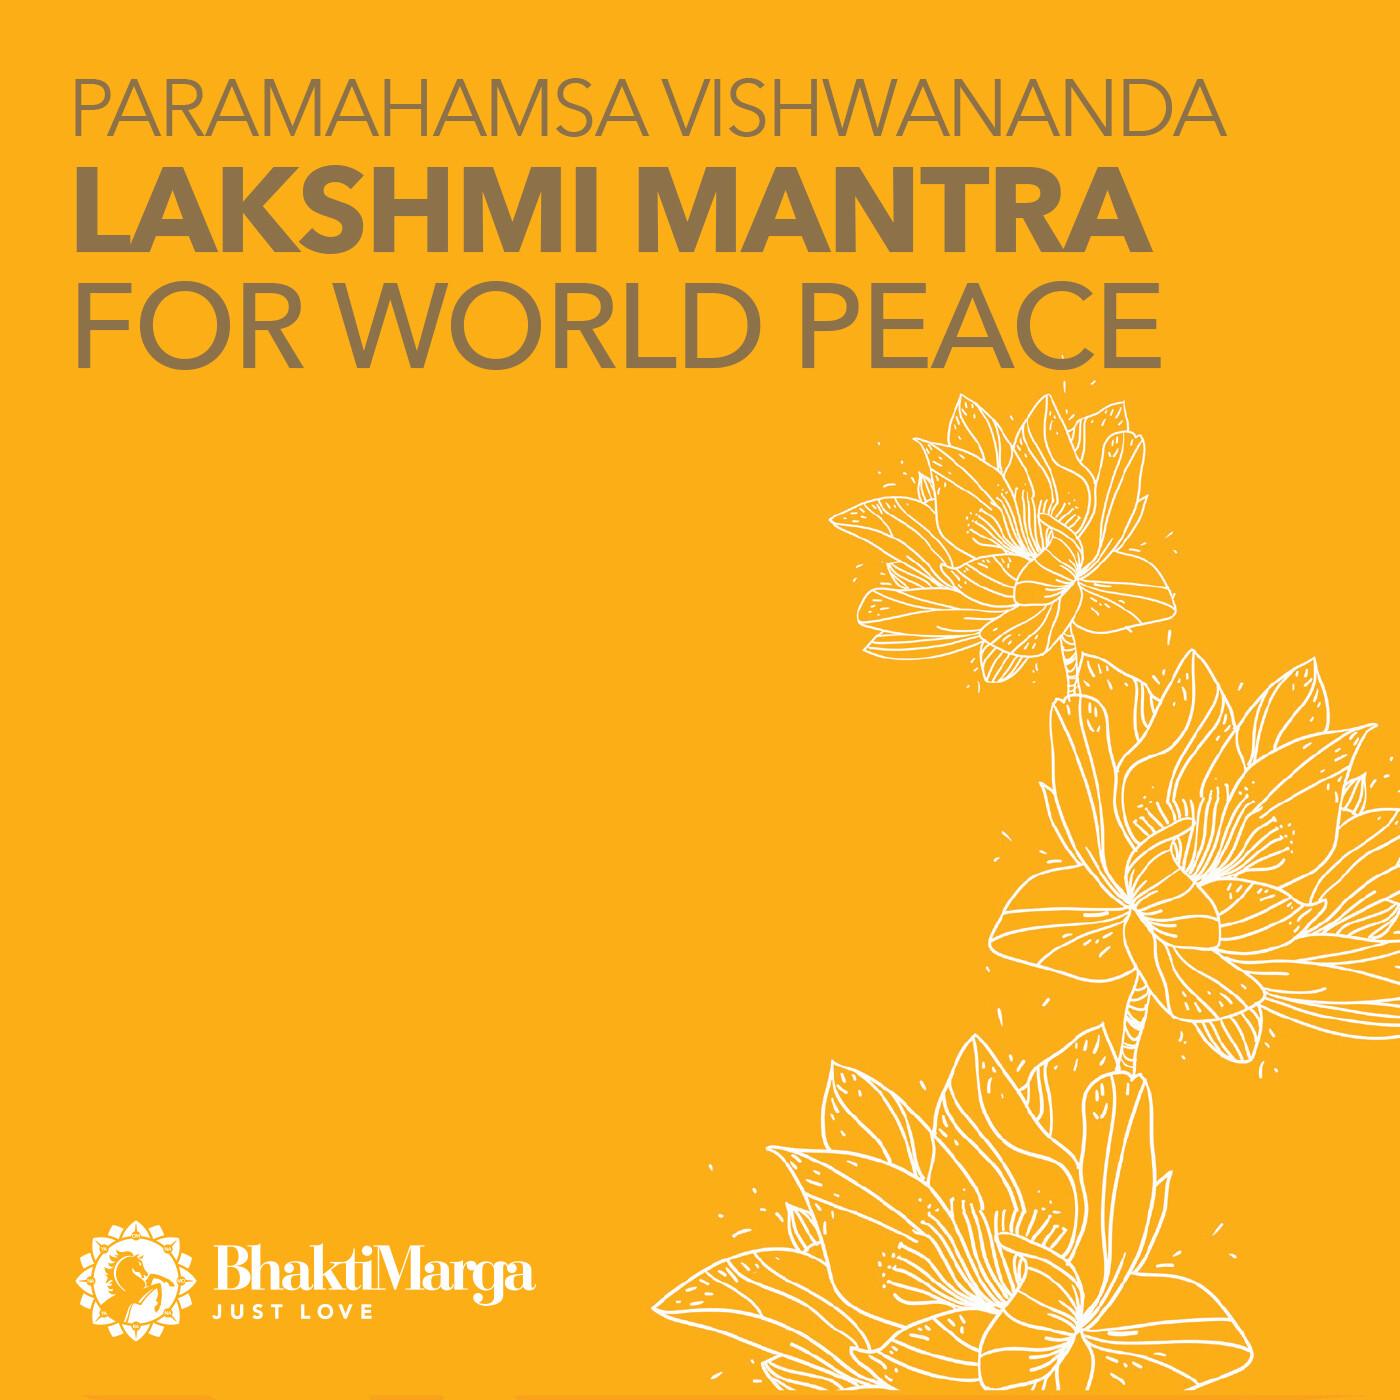 Lakshmi mantra for World Peace - Paramahamsa Vishwananda